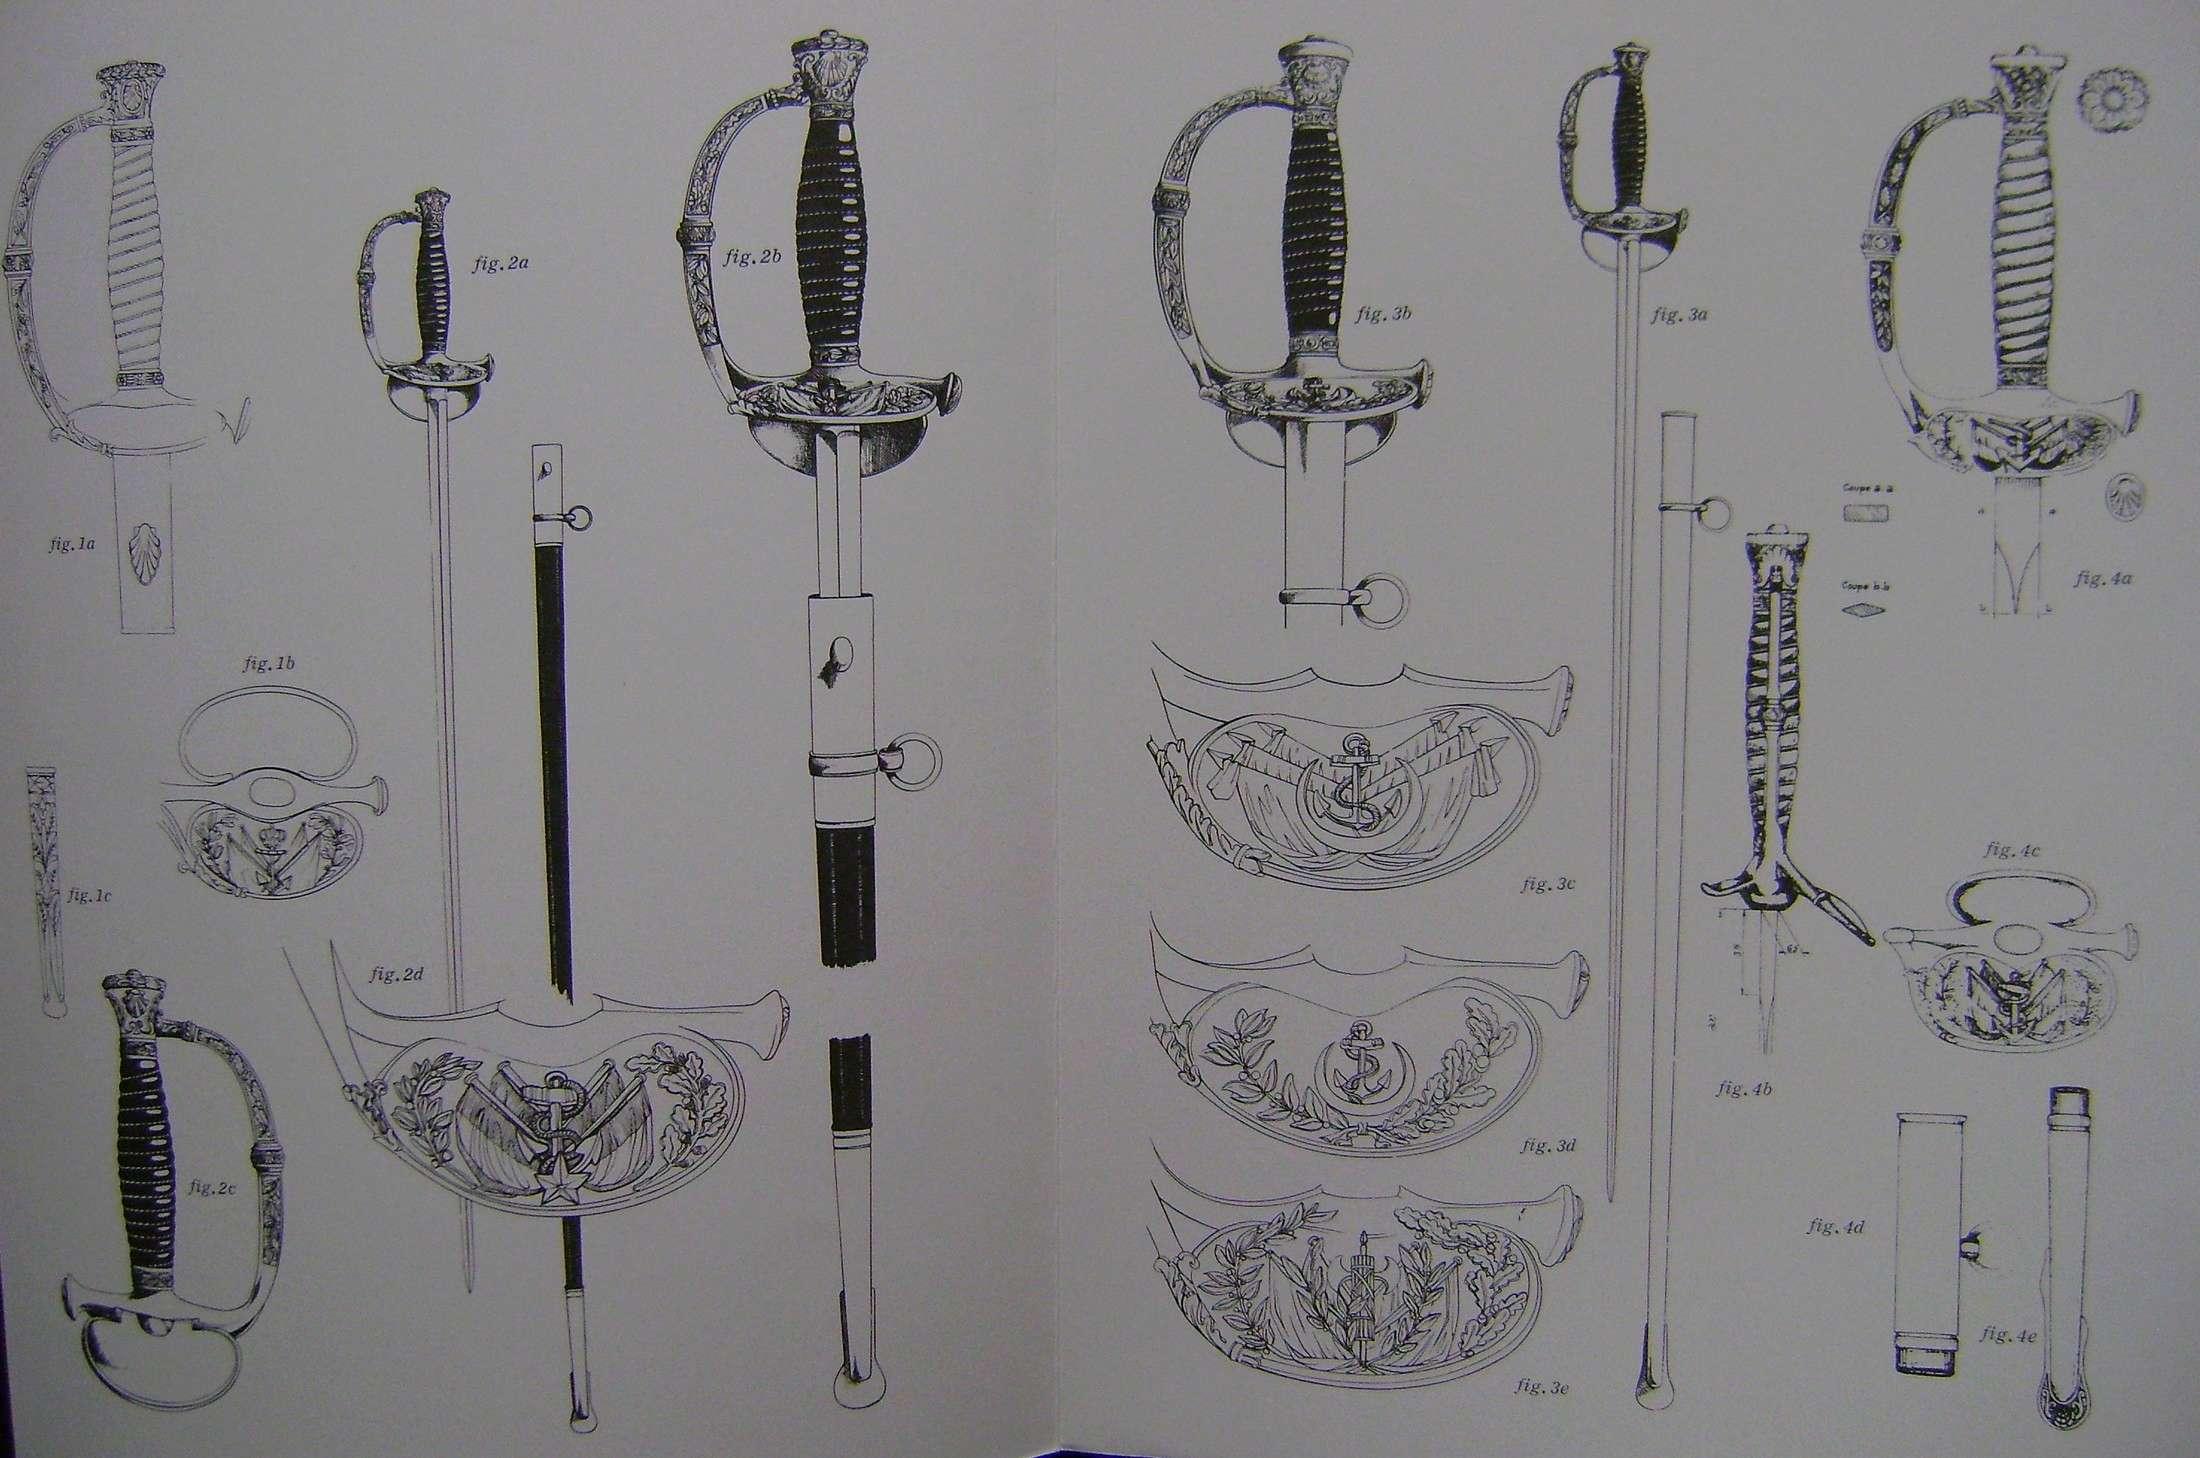 épée modèle 1837 datation et restauration Dsc01942